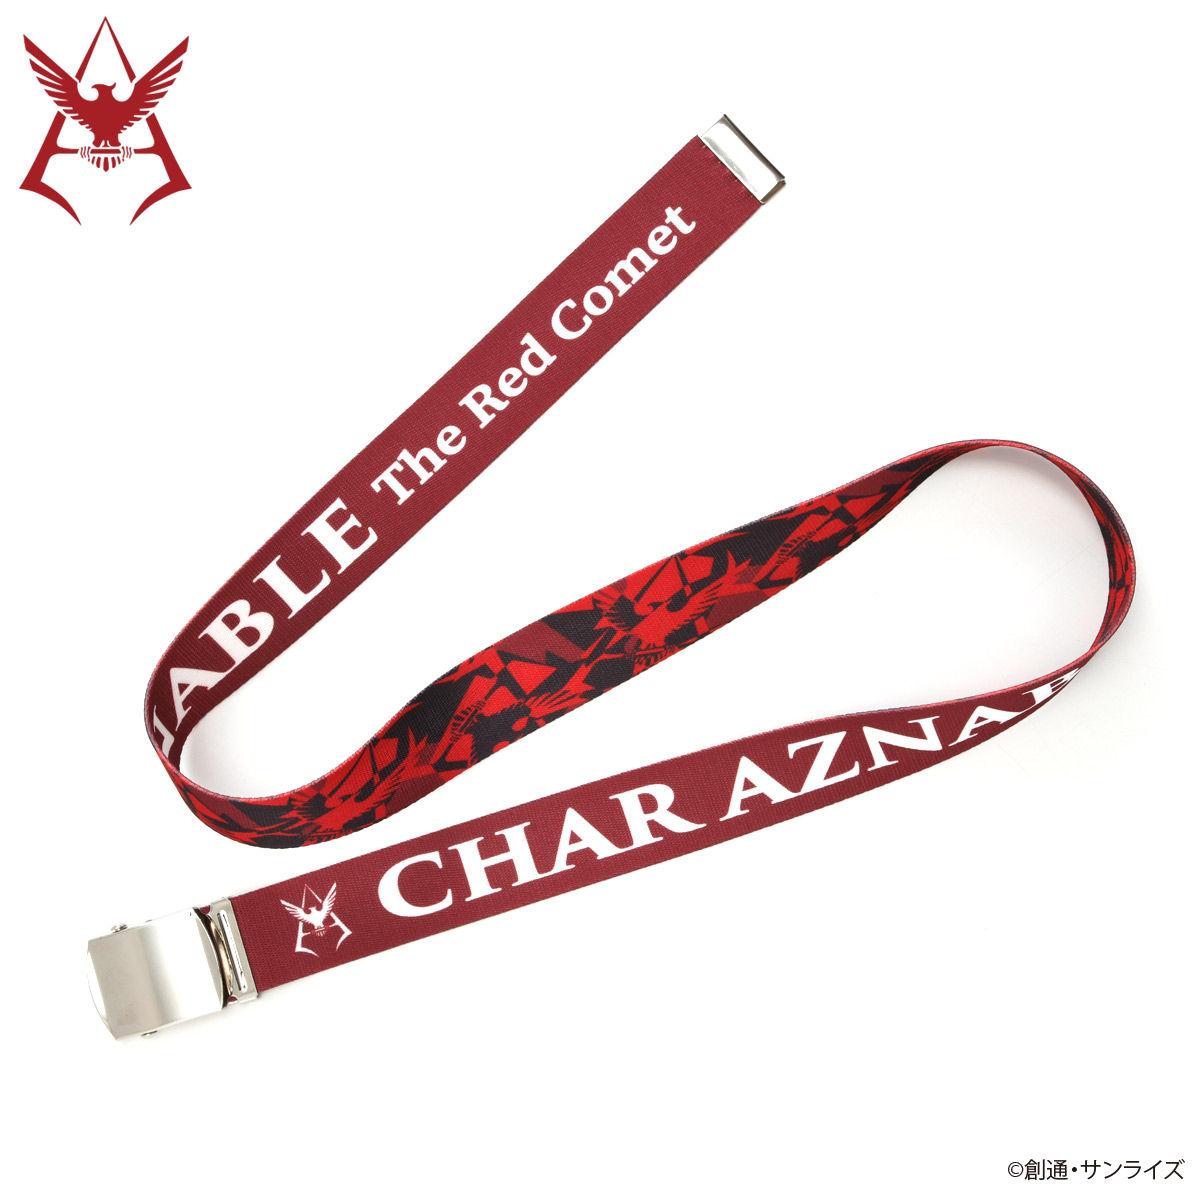 Mobile Suit Gundam Char Aznable Emblem Reversible Belt